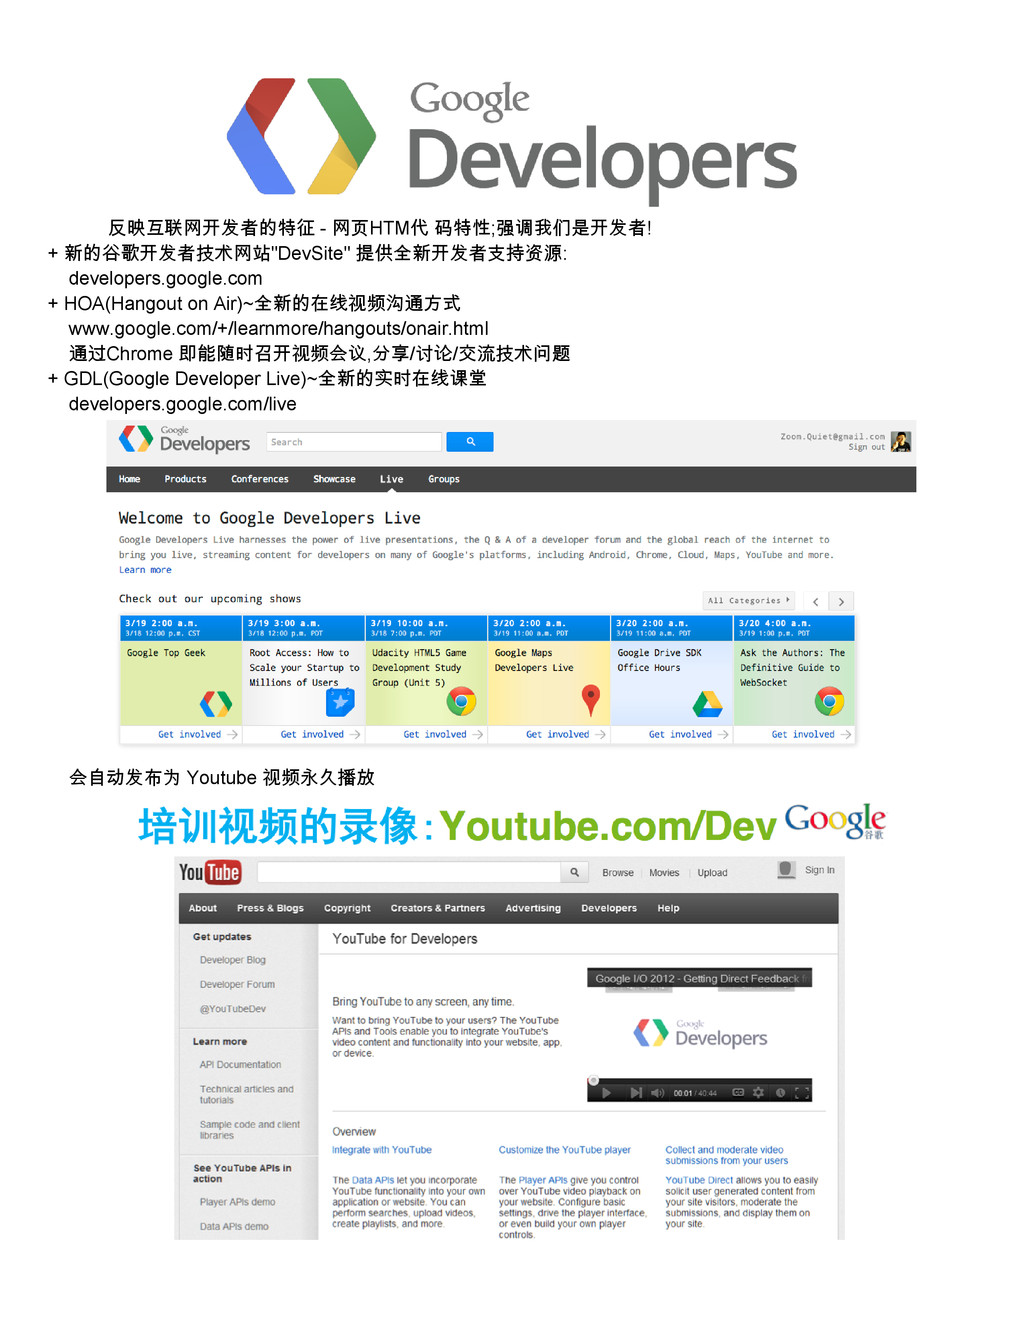 反映互联网开发者的特征  网页HTM代 码特性;强调我们是开发者! + 新的谷歌开发者技术网...